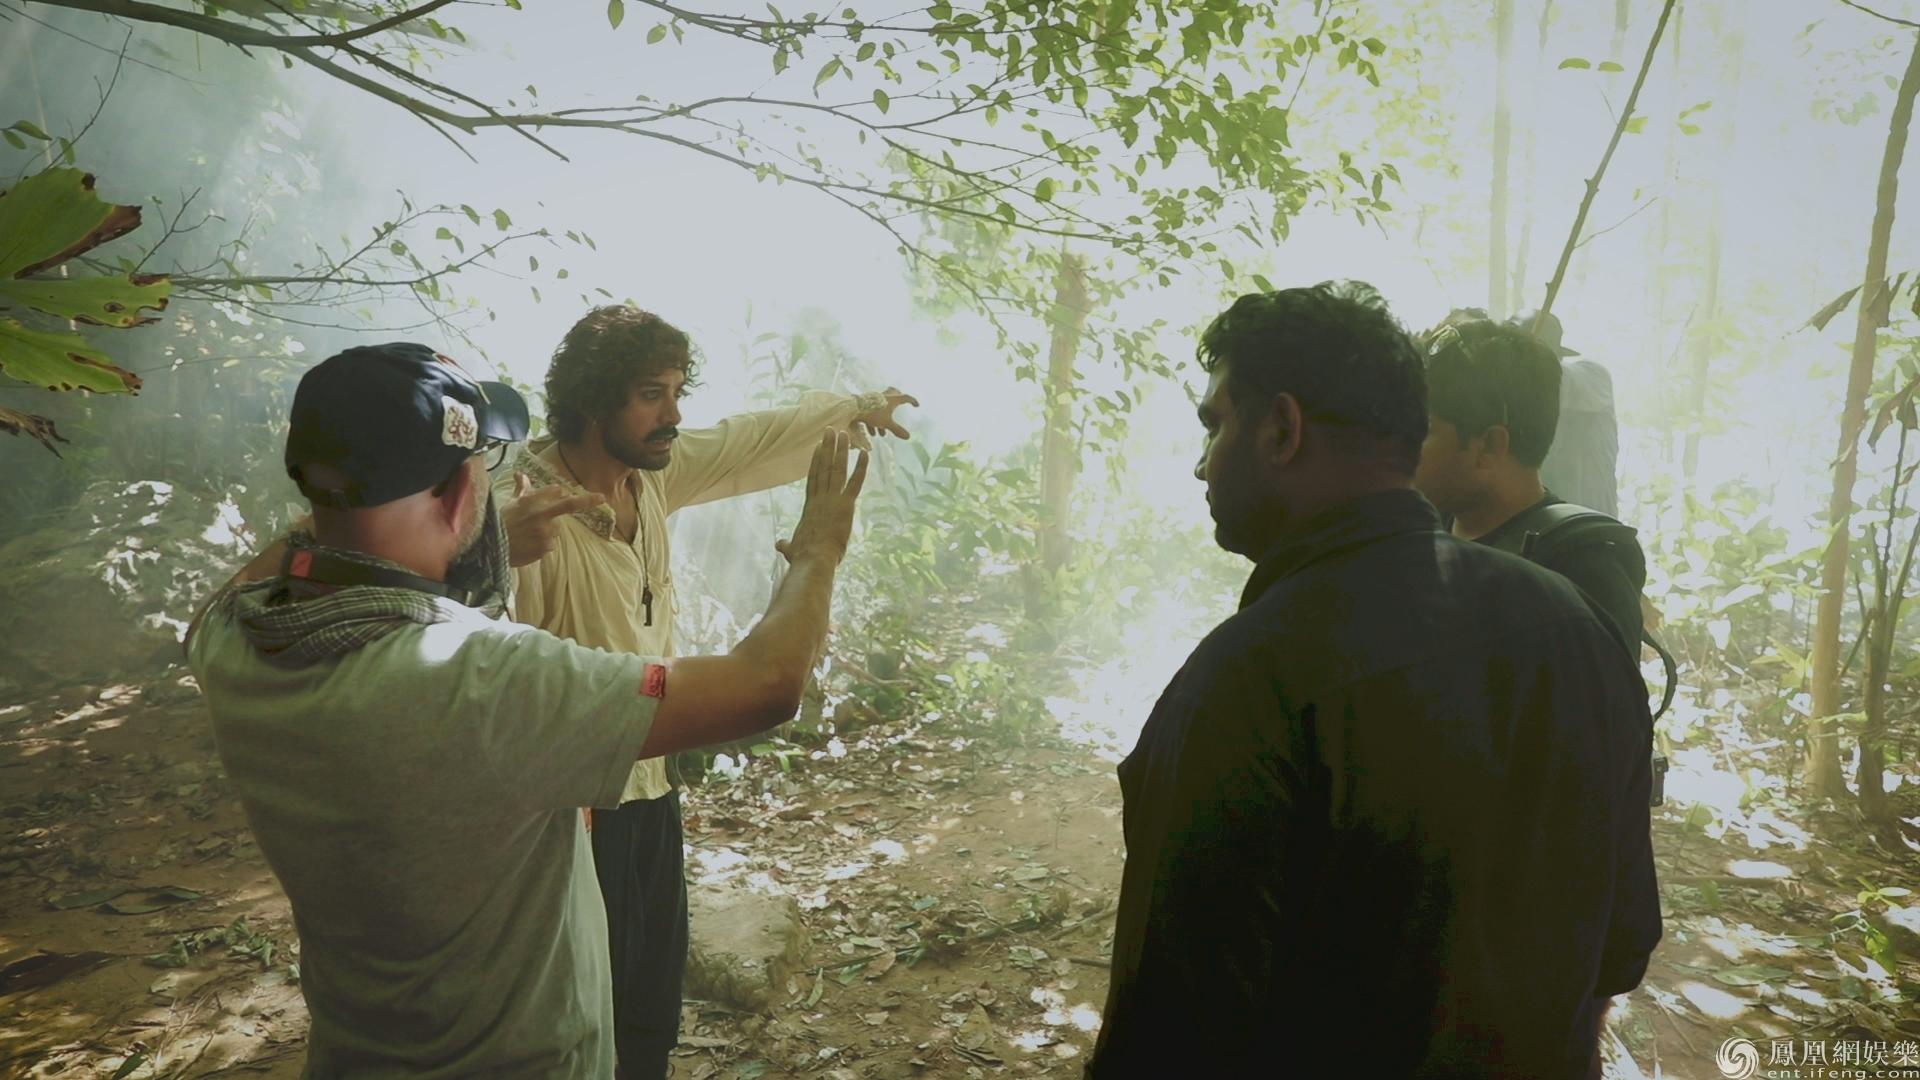 《印度暴徒》神奇场景展现电影气质